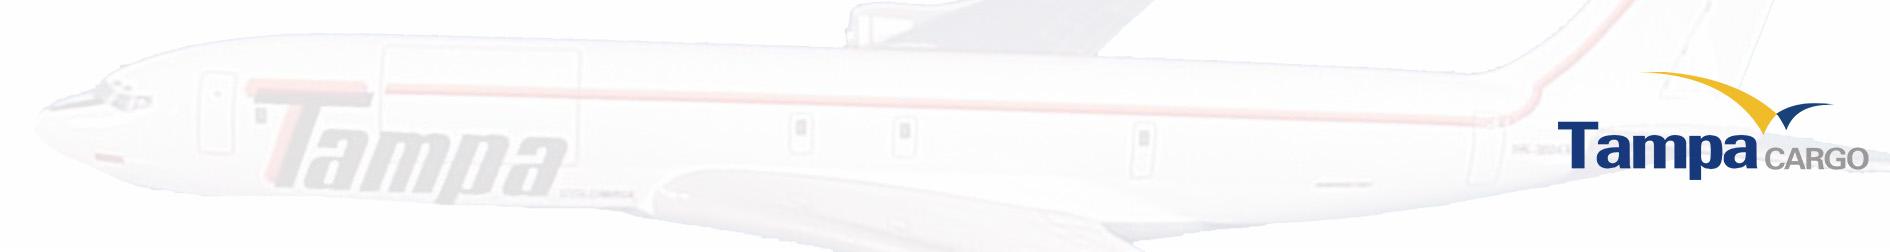 tampa-cargo22.jpg